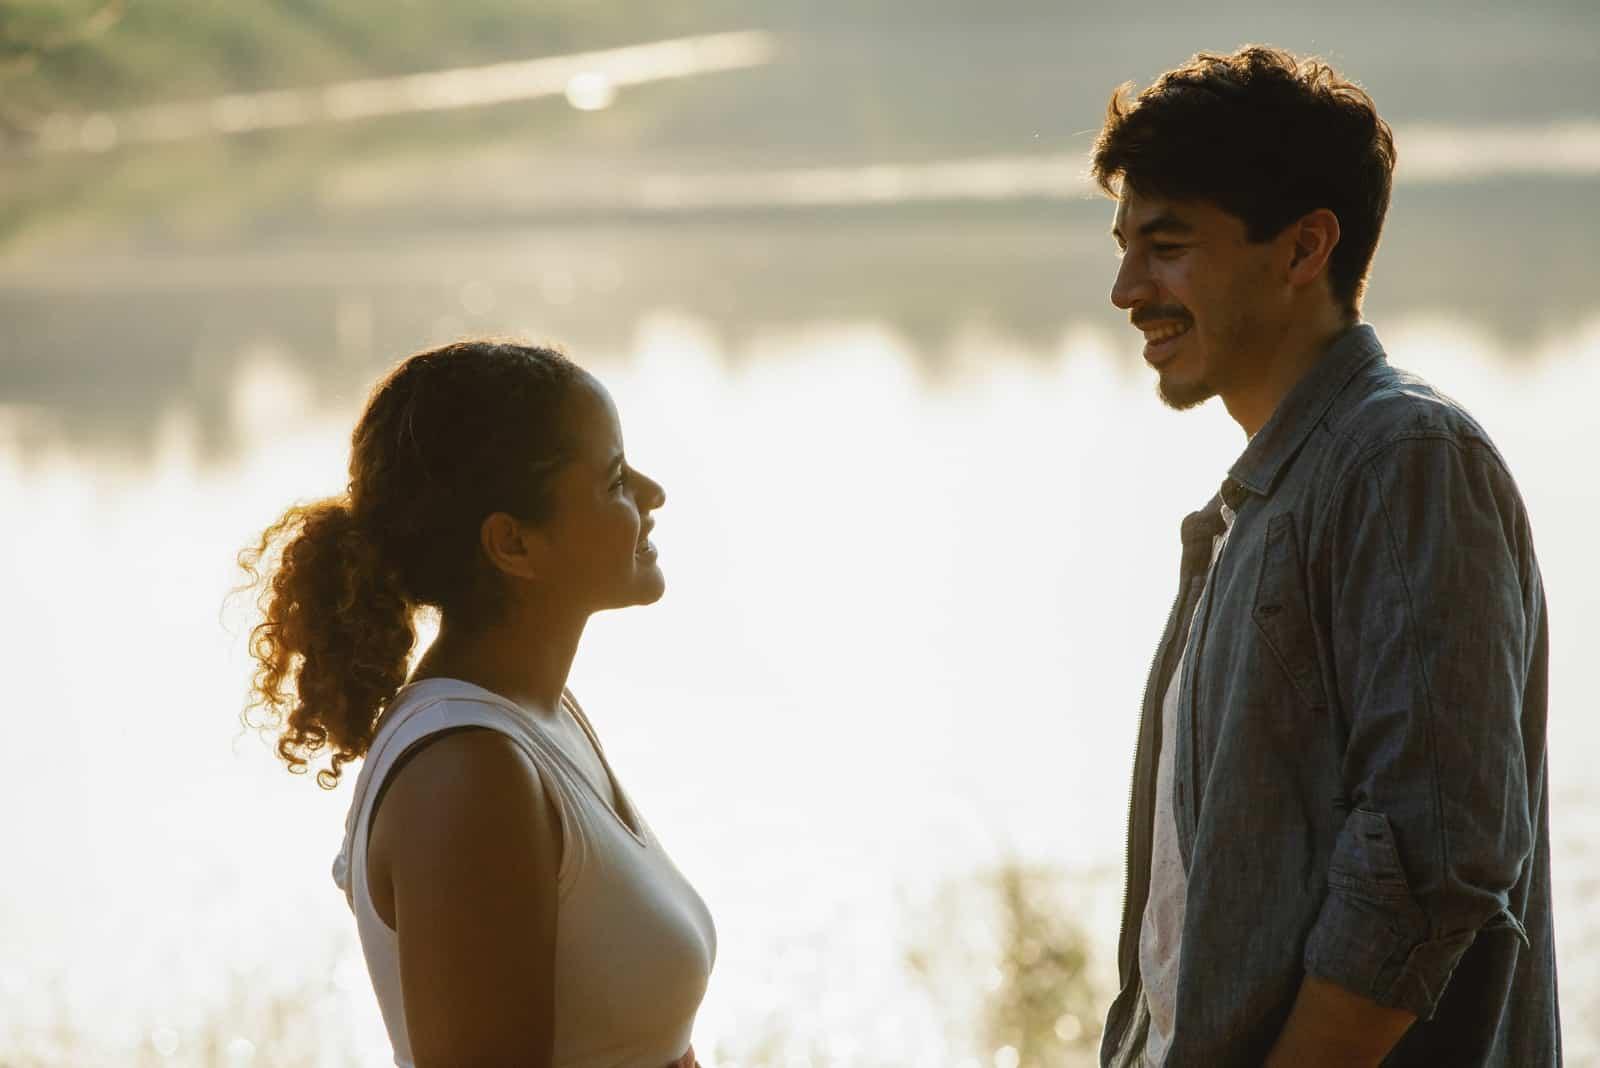 Un homme et une femme sourient en se tenant près de l'eau